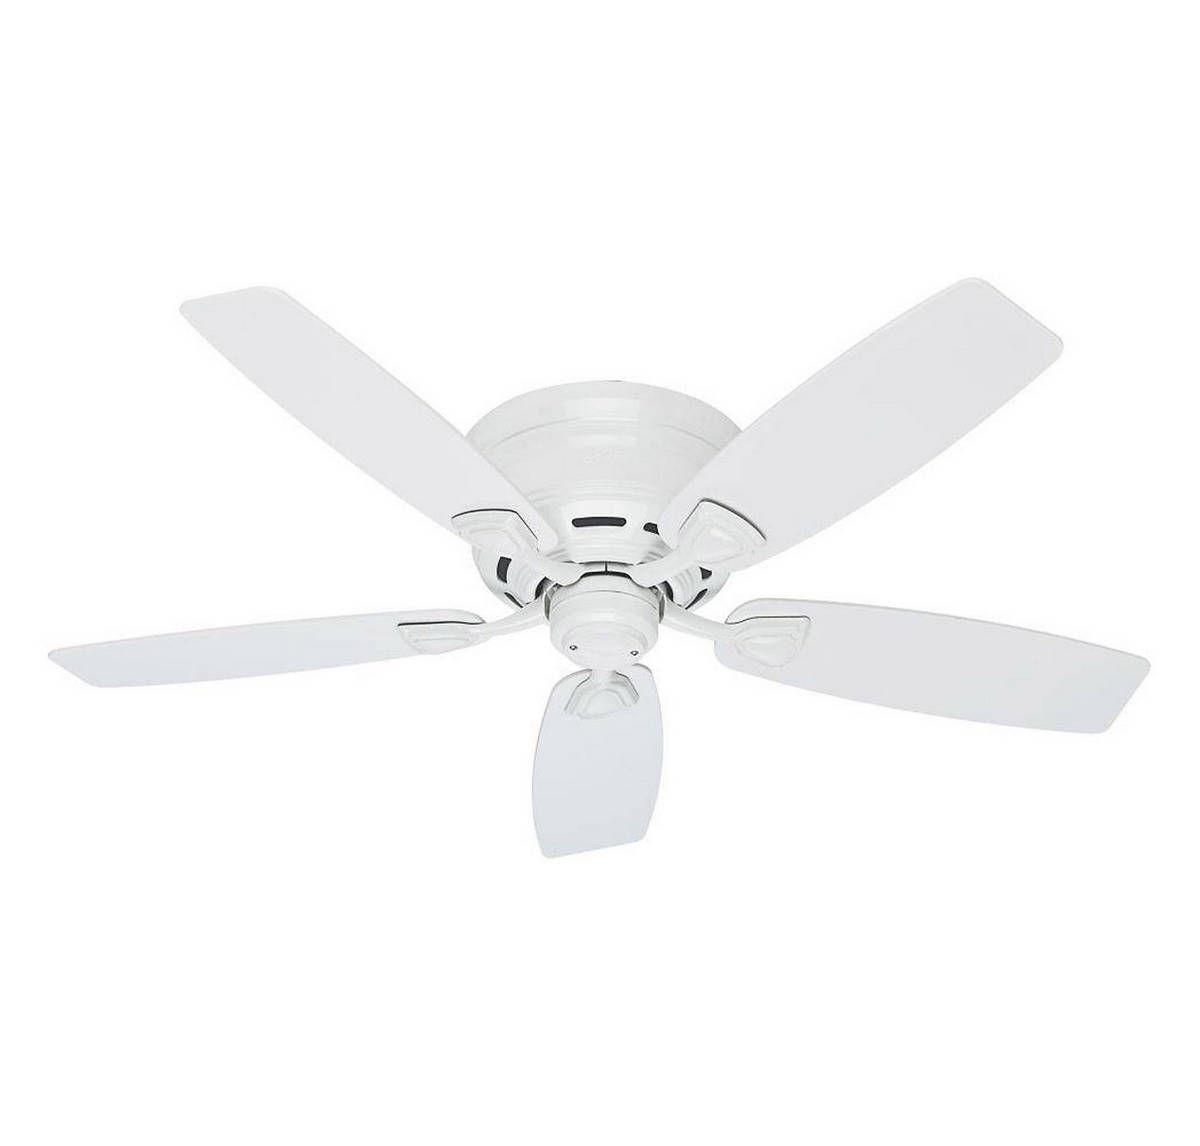 Sea Wind 48 Inch Ceiling Fan